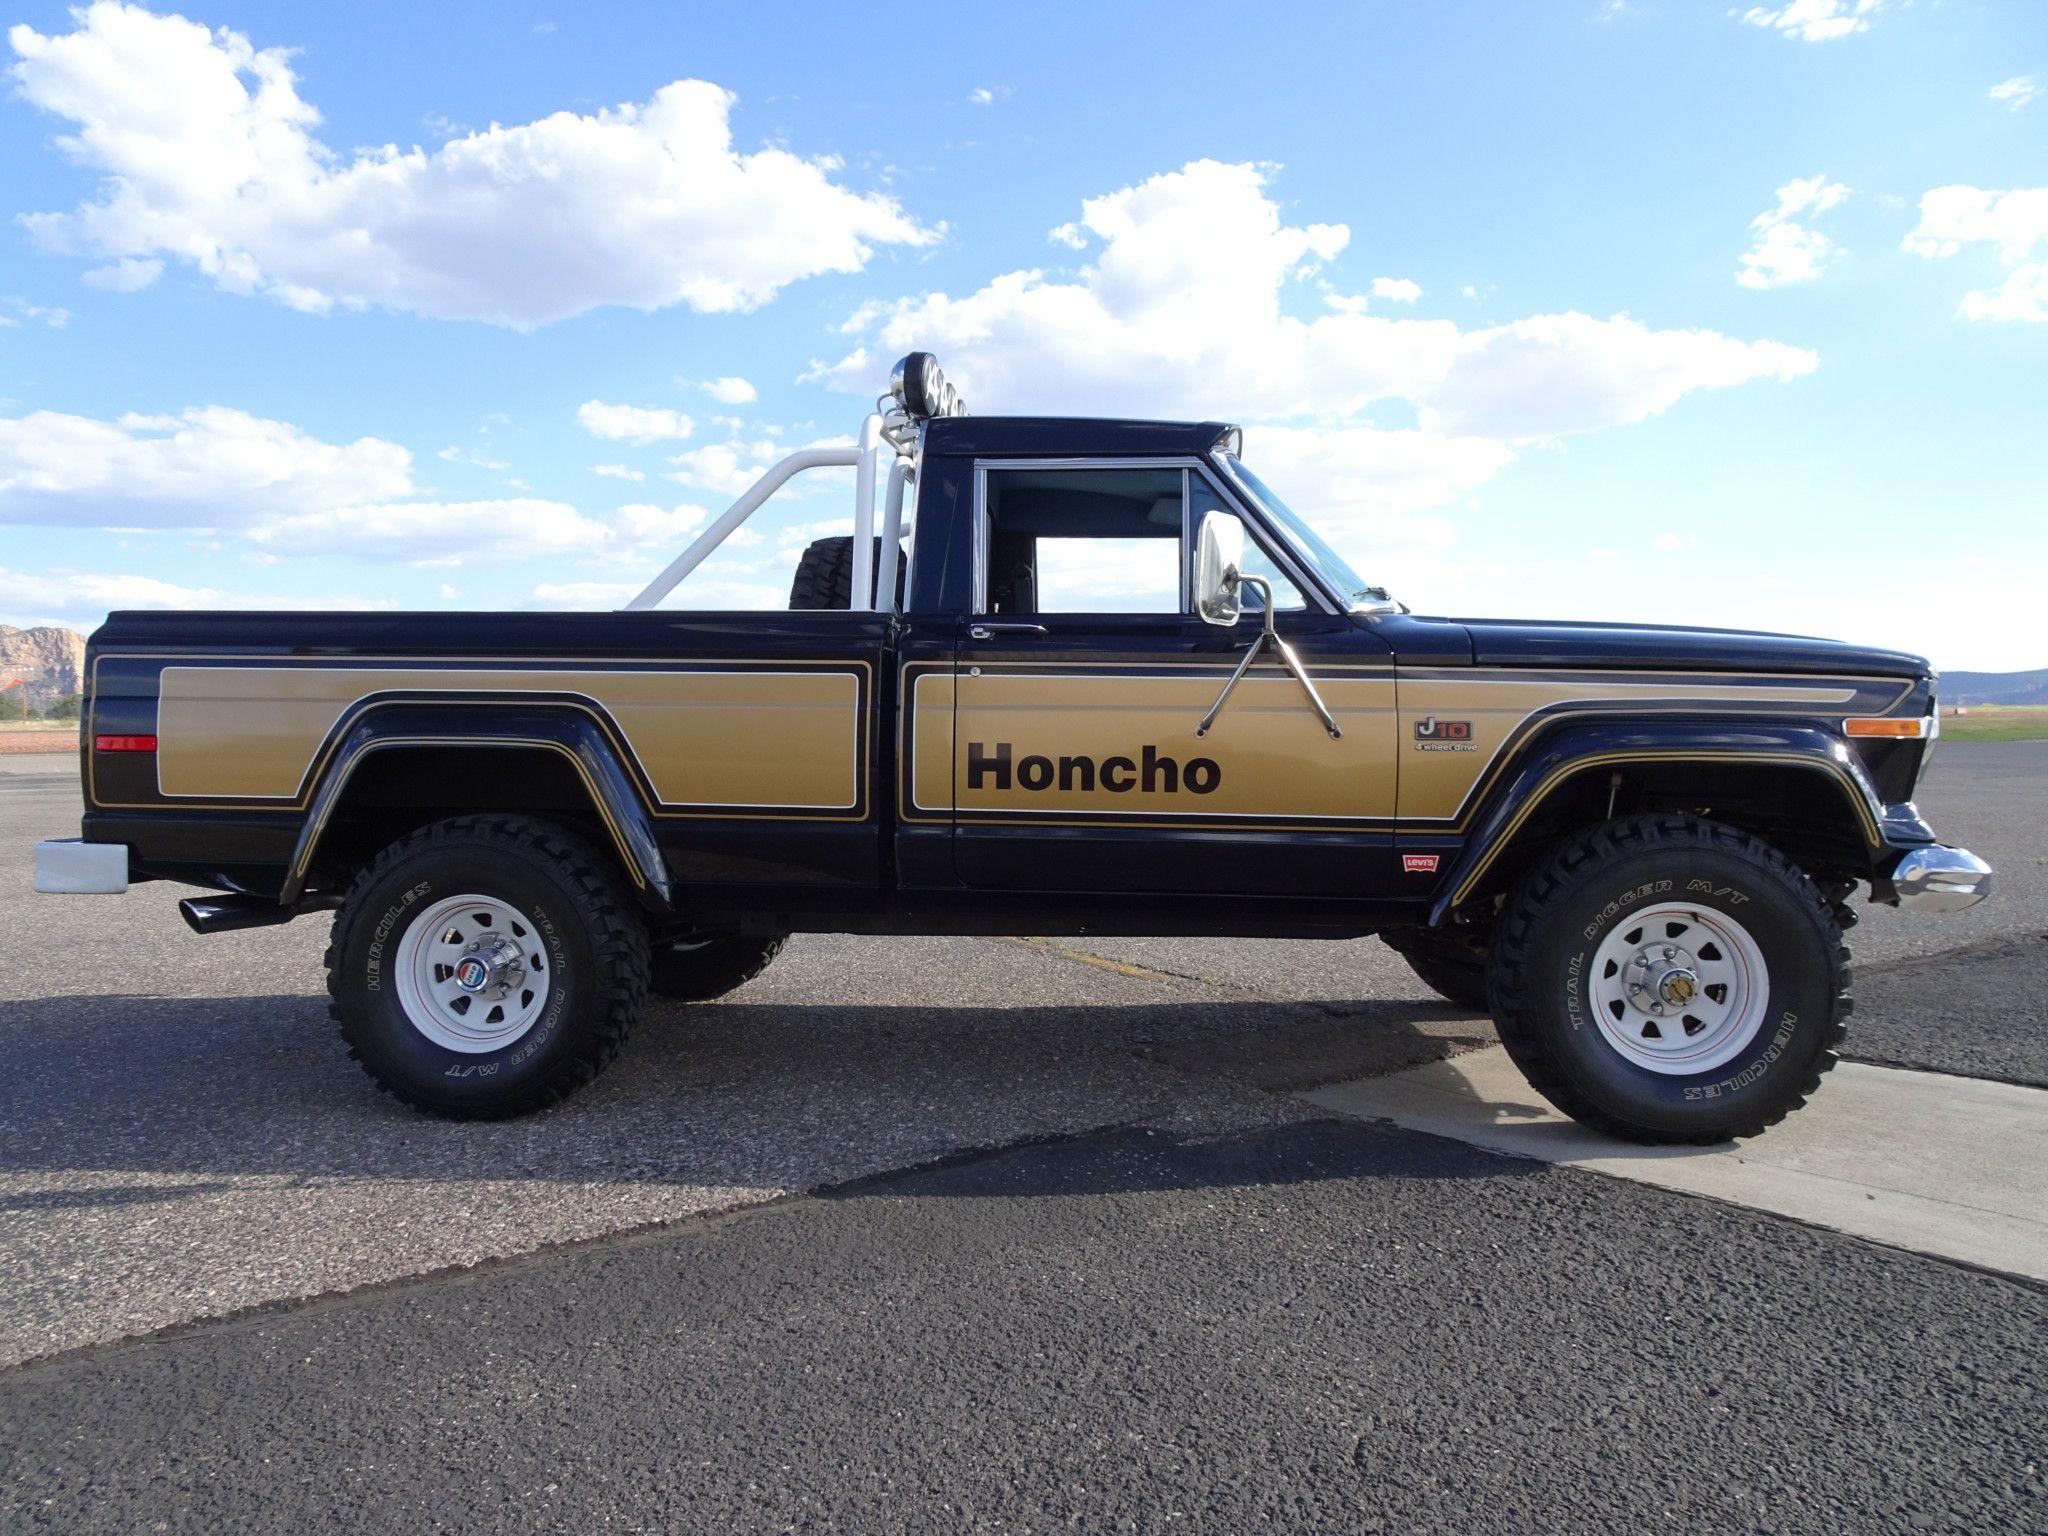 1977 Jeep J10 Honcho Pickup Jeep Jeep Truck Jeep Pickup